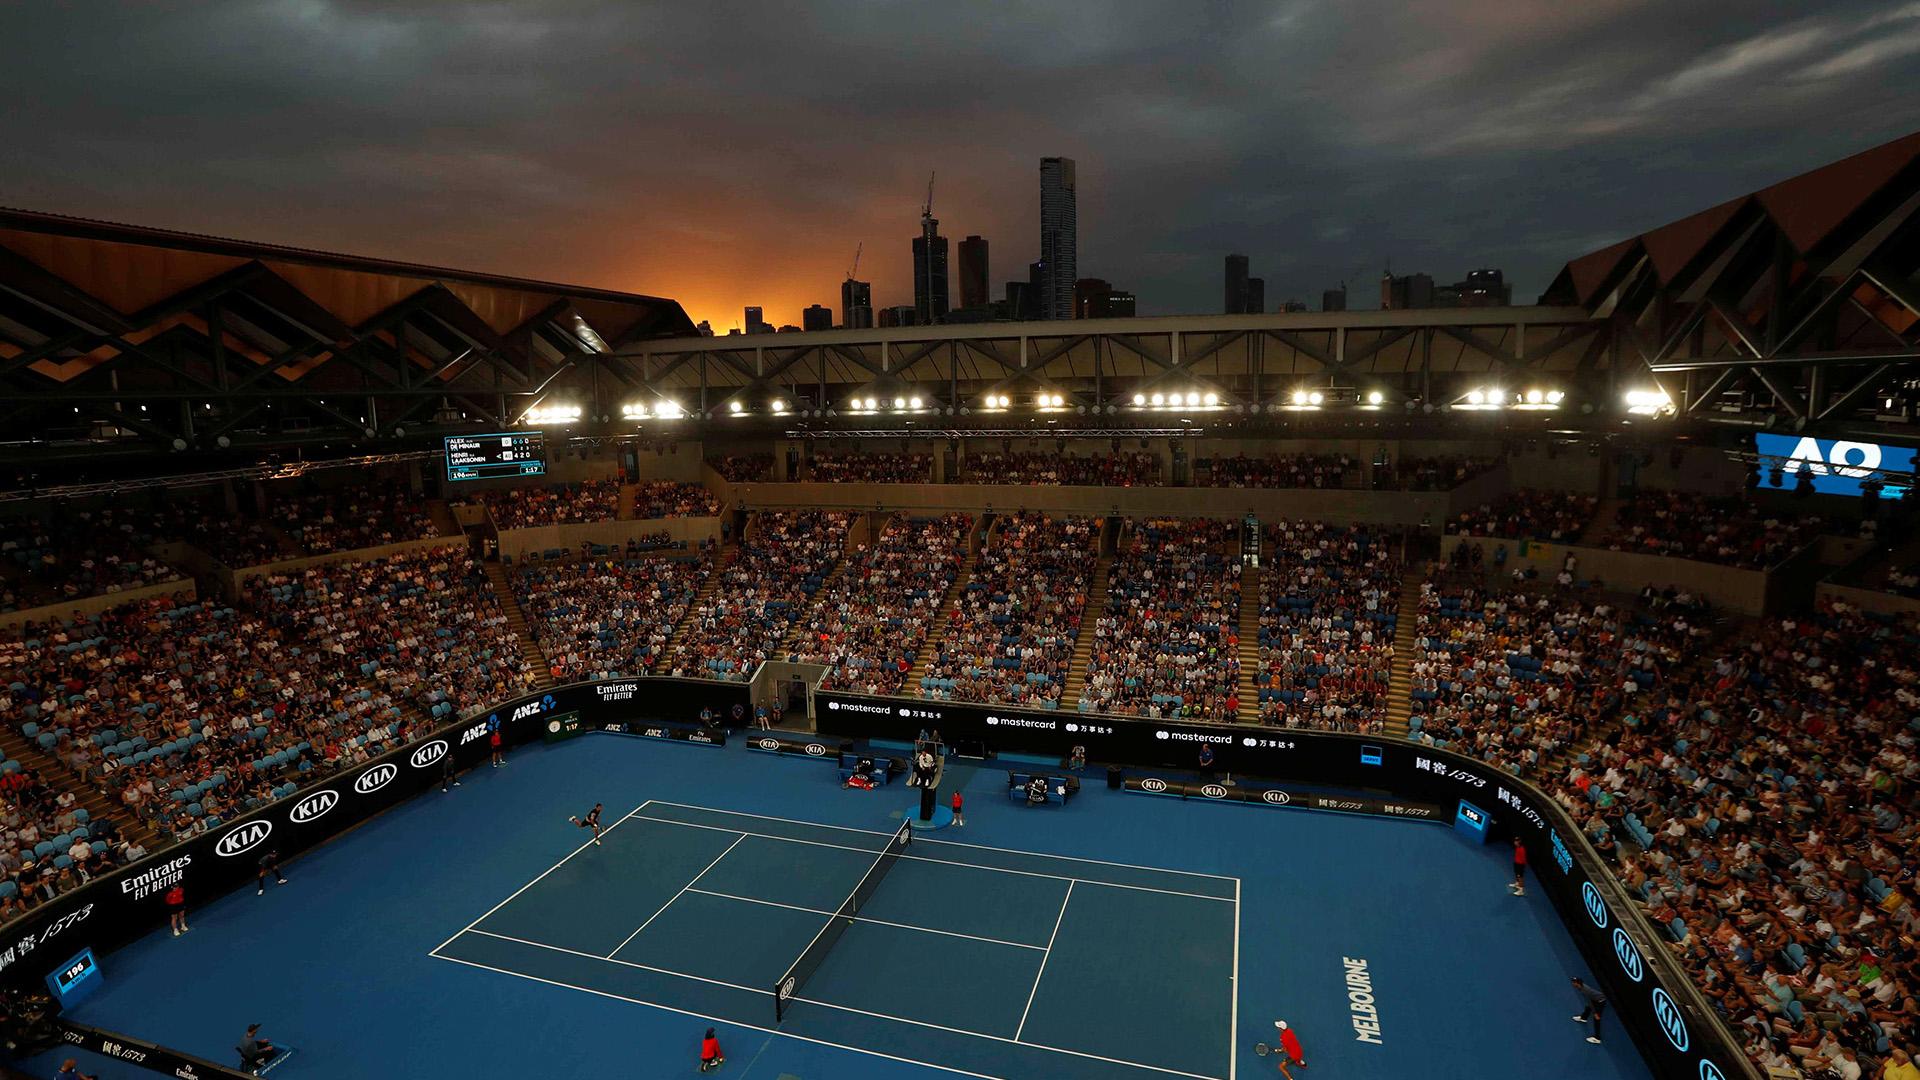 Los números 2 del mundo, Rafa Nadal y Angelique Kerber, y los número 3, Roger Federer y Caroline Wozniacki, cumplieron este miércoles y se clasificaron para la tercera ronda en el Abierto de Australia, primer grande de la temporada